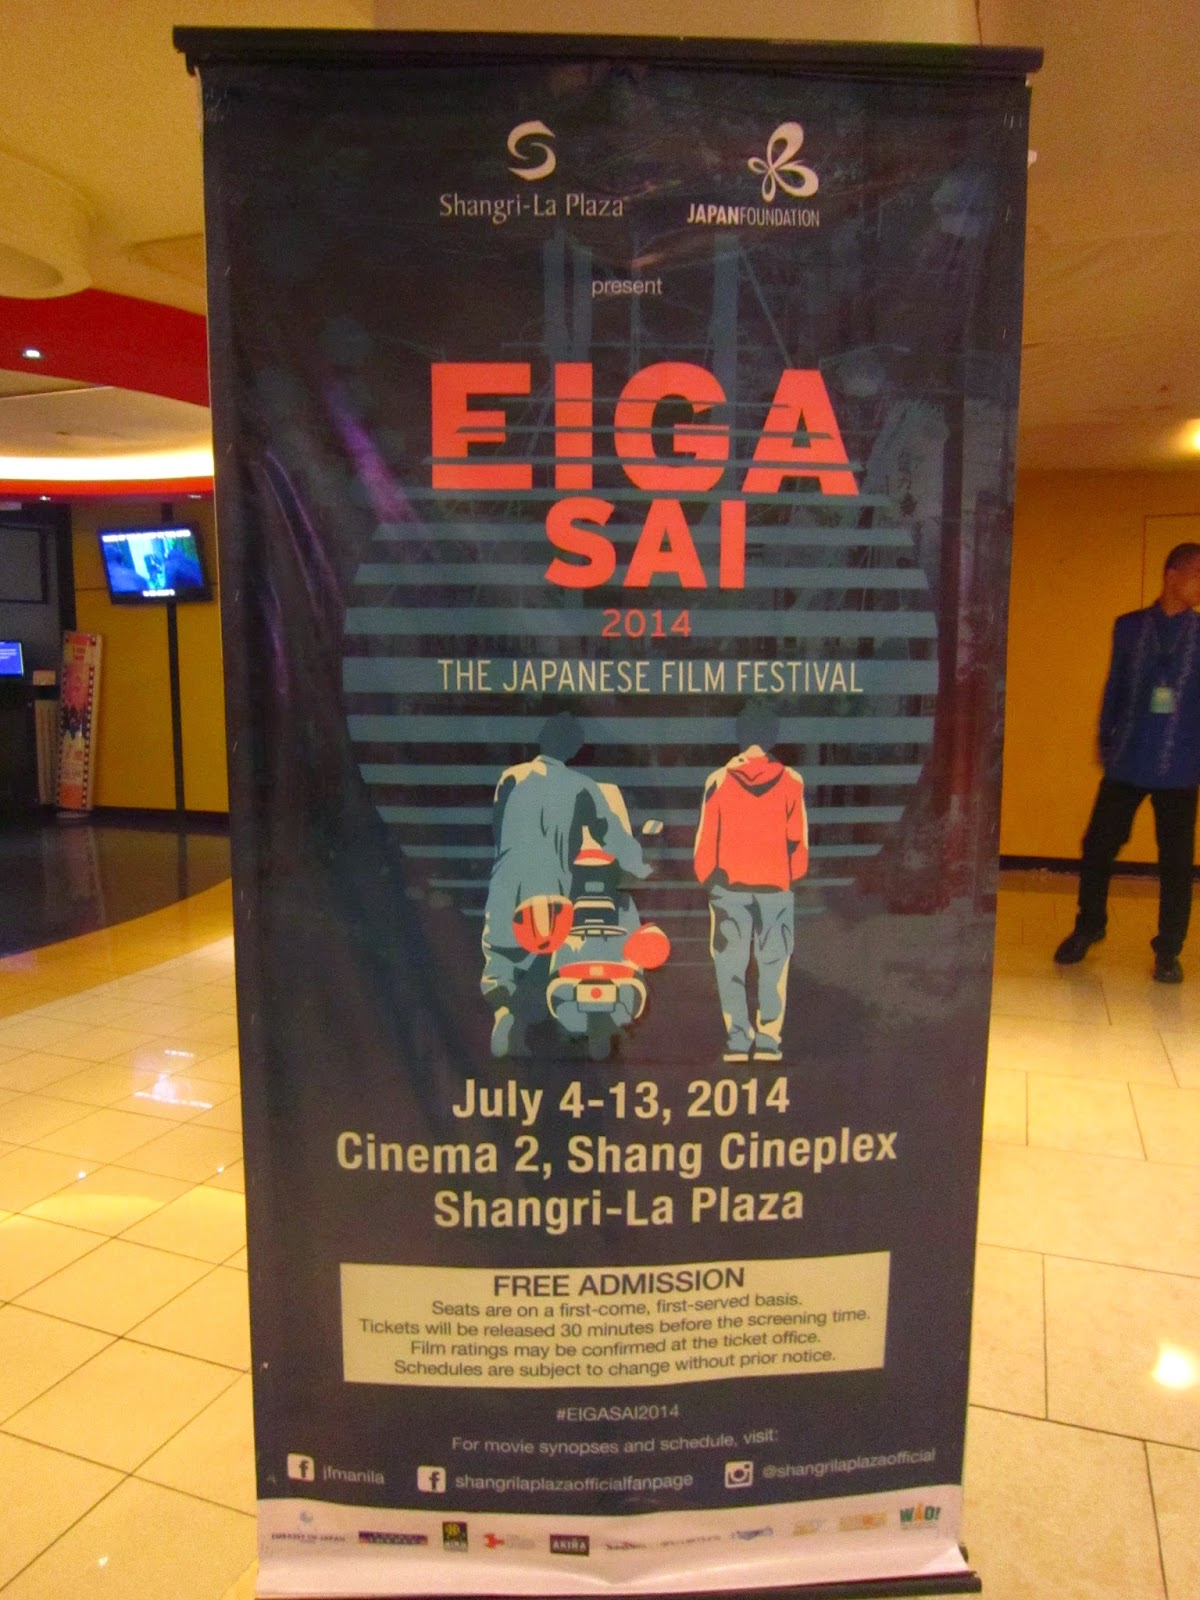 EIGA SAI 2014